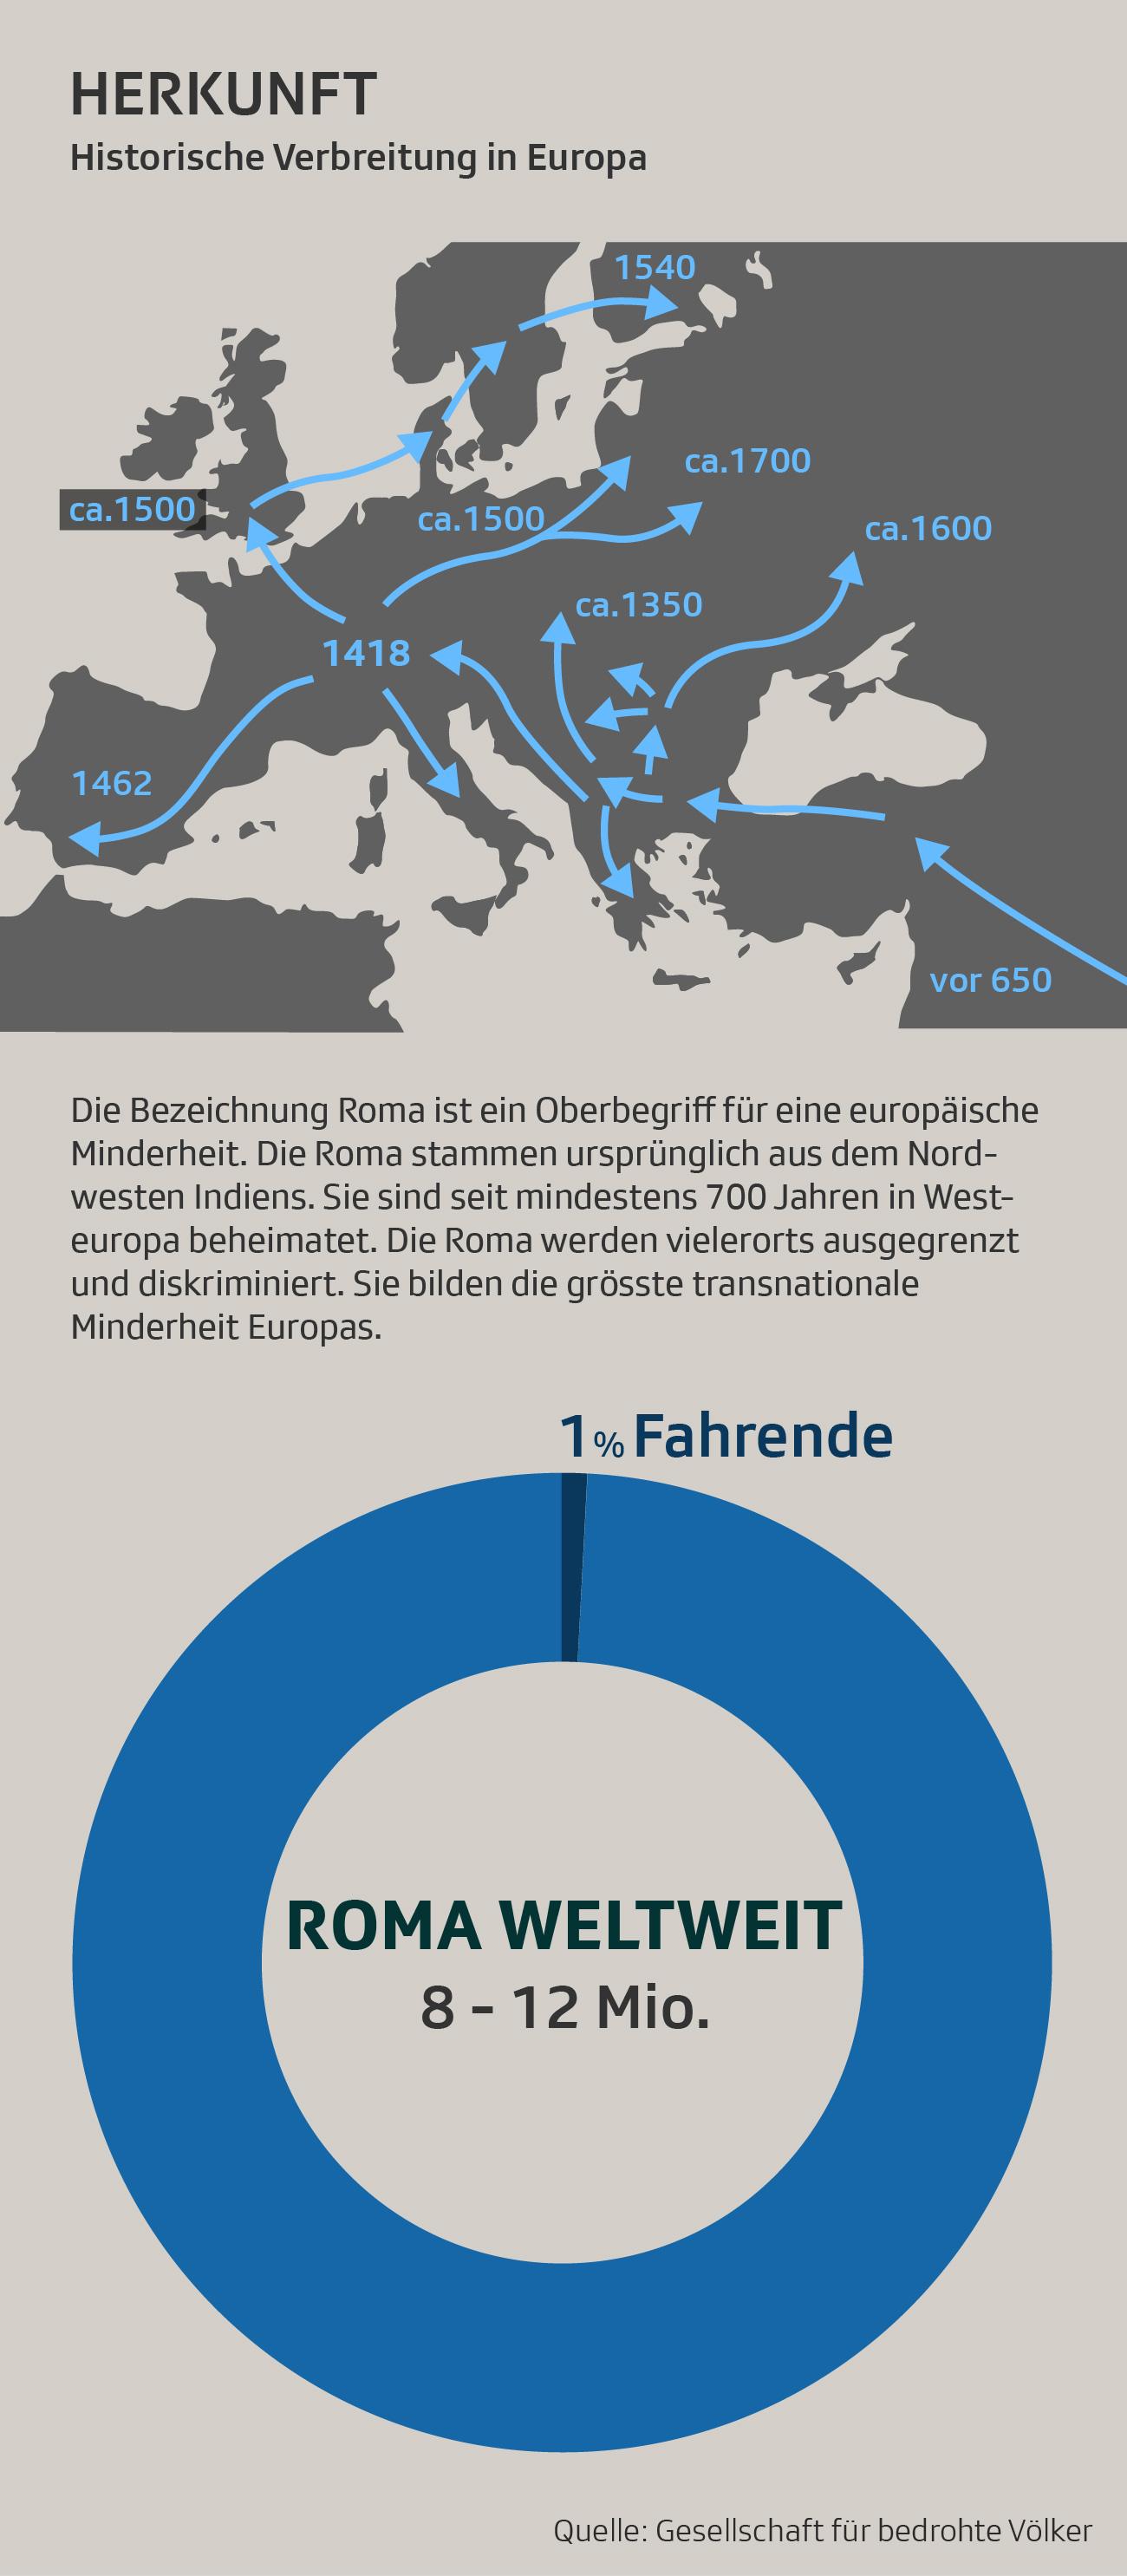 Infografik zu Fahrenden weltweit